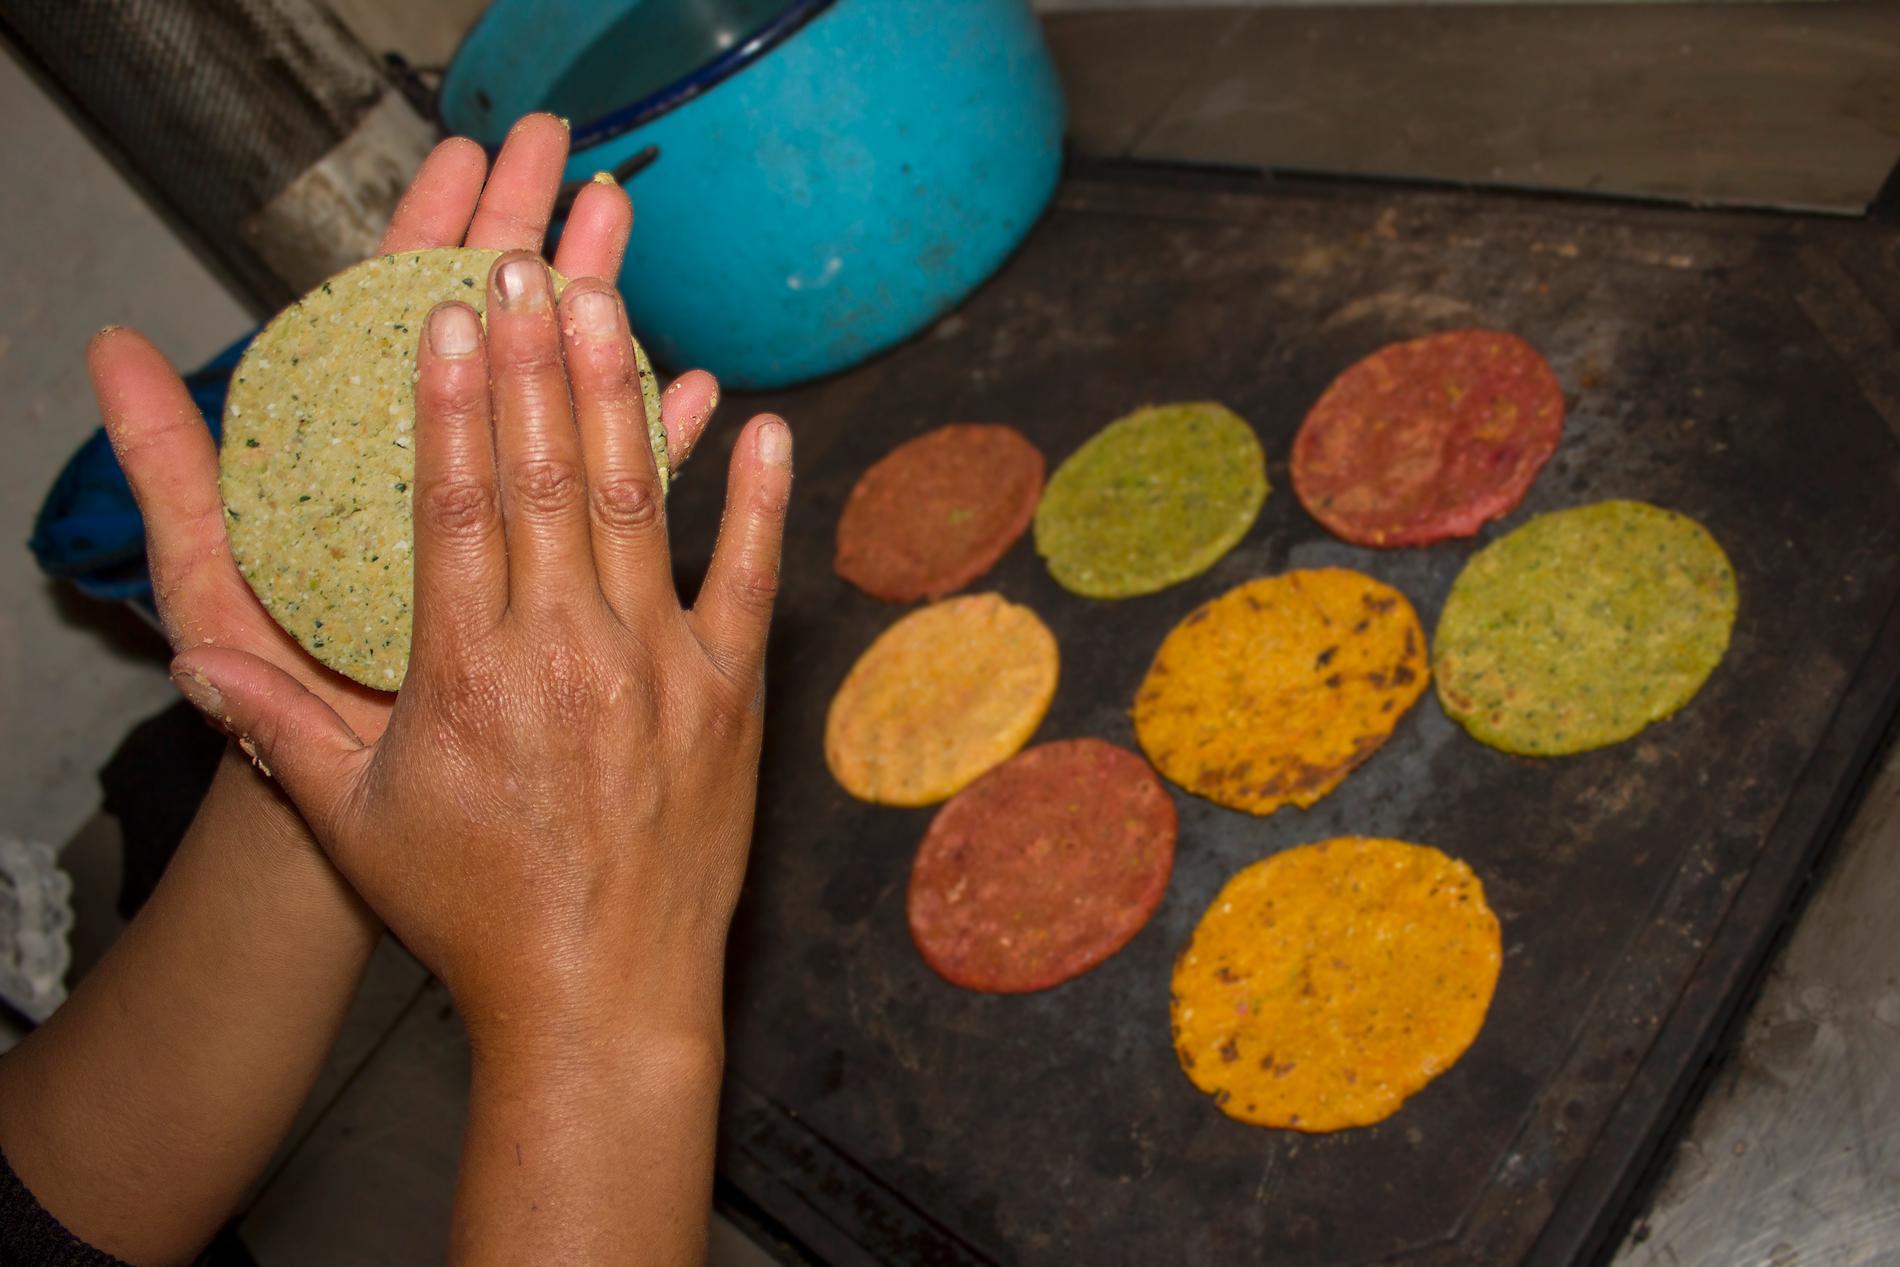 I norra Mexiko görs tortillas mestadels av mjöl, medan de i södra Mexiko vanligtvis görs av majs.